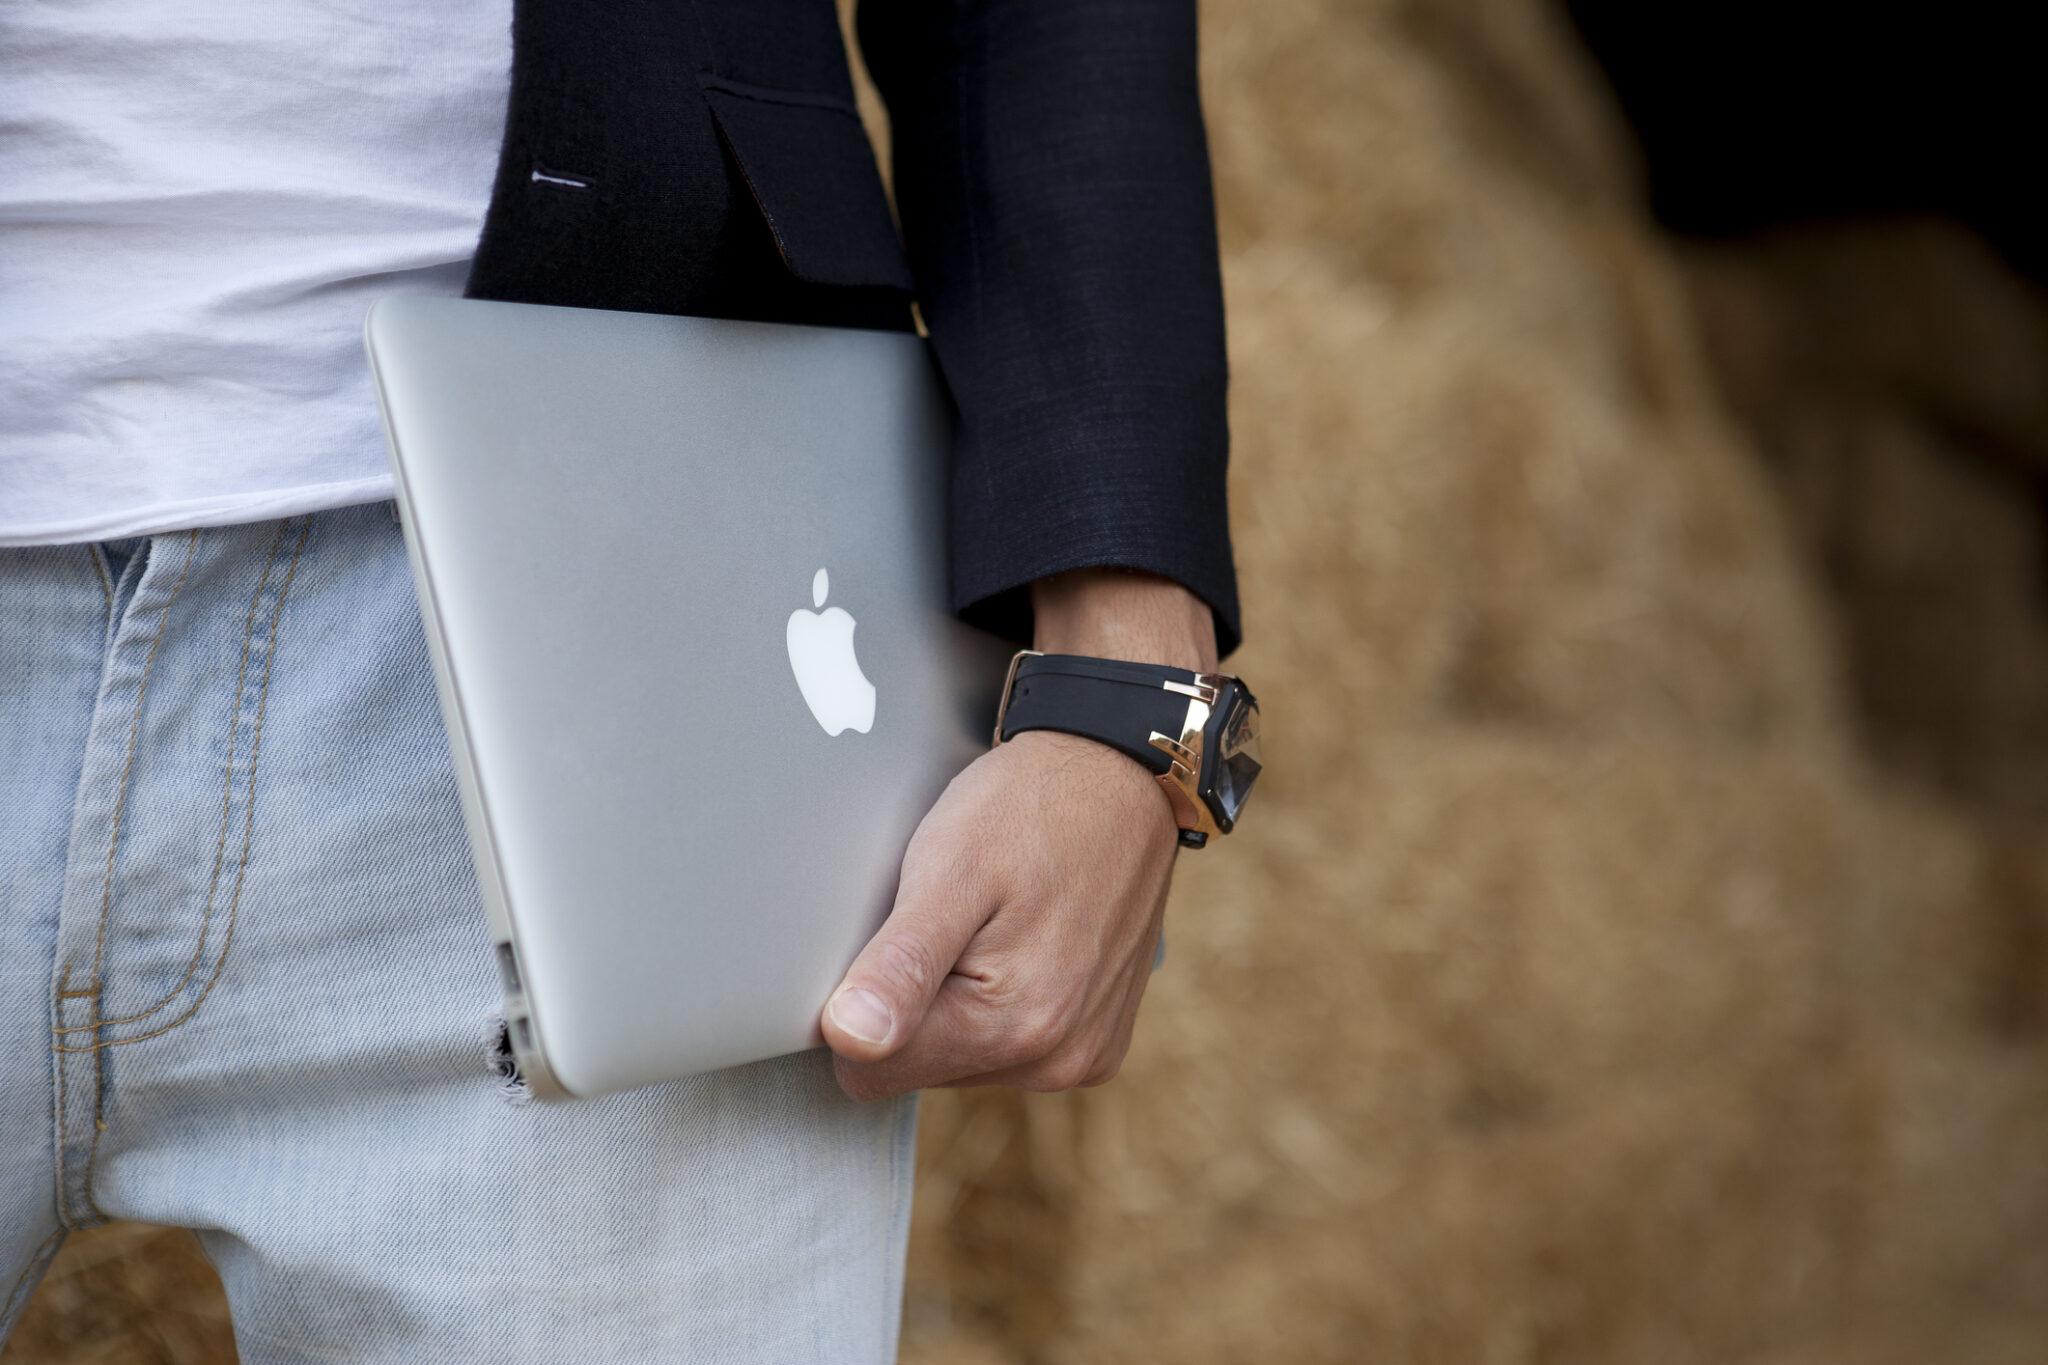 Mann mit MacBook in der Hand